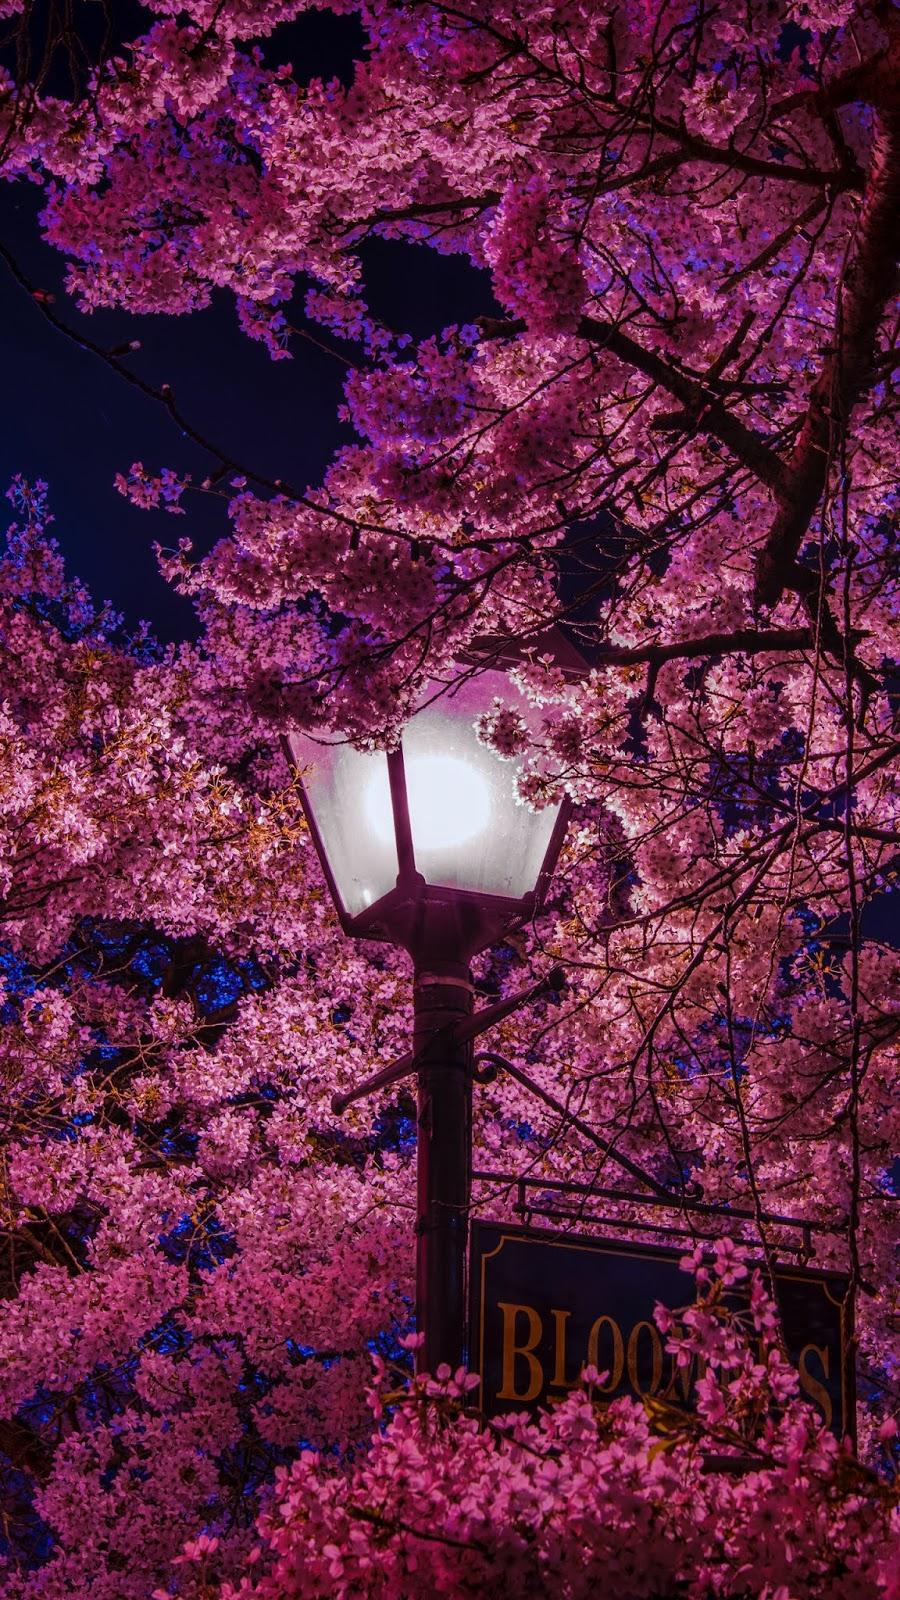 Hoa anh đào giữa ánh đèn đêm